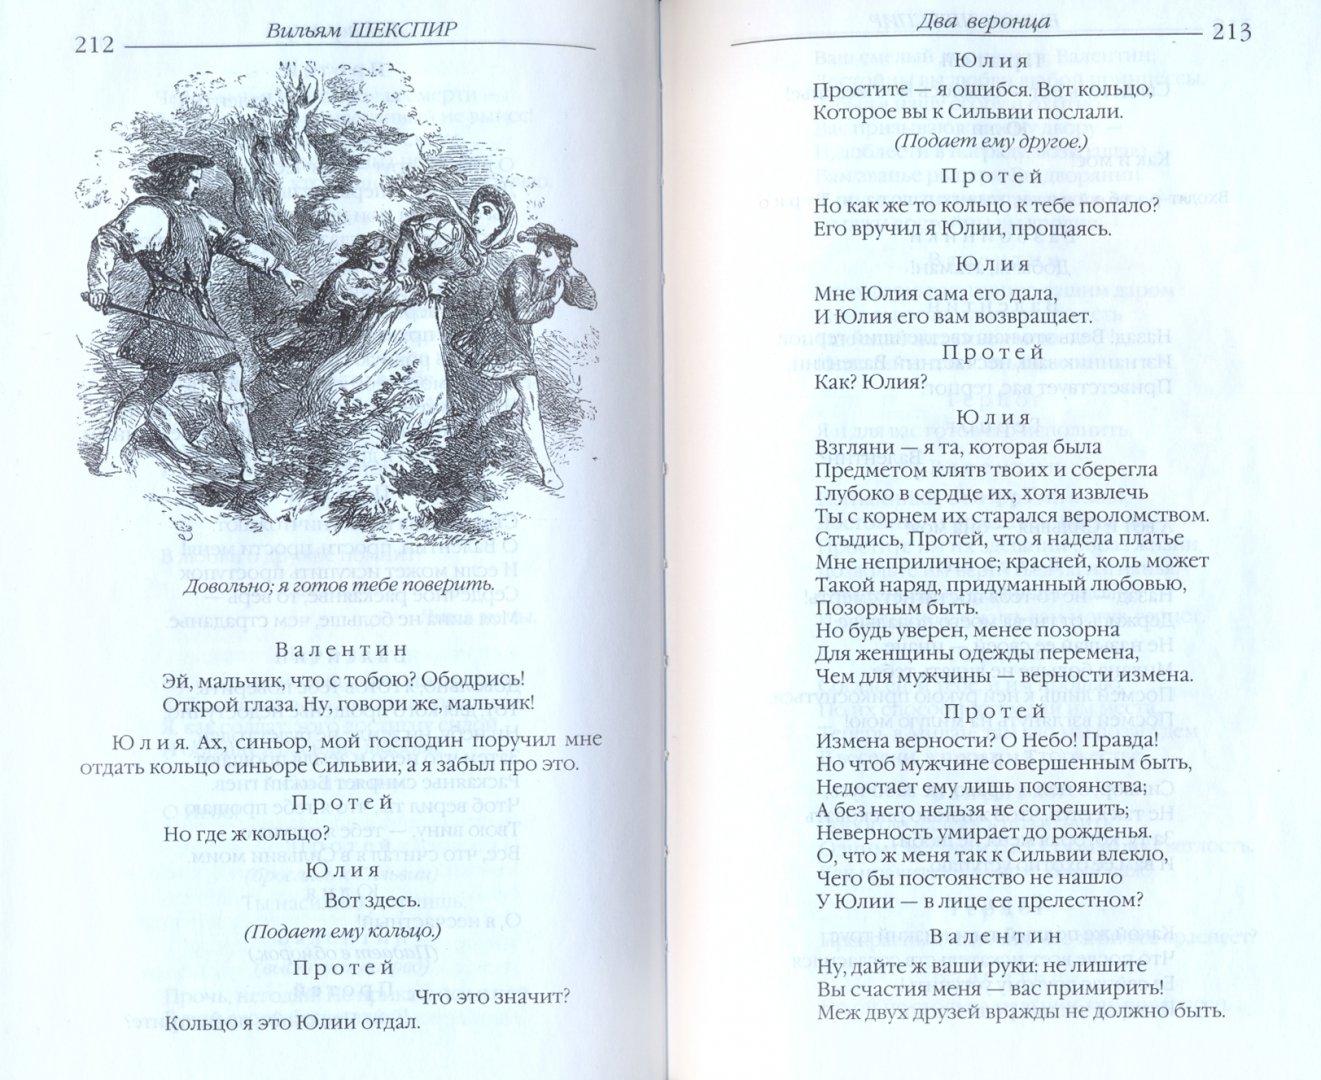 Иллюстрация 1 из 7 для Собрание сочинений: Укрощение строптивой; Два веронца; Бесплодные усилия любви; Сонеты - Уильям Шекспир | Лабиринт - книги. Источник: Лабиринт